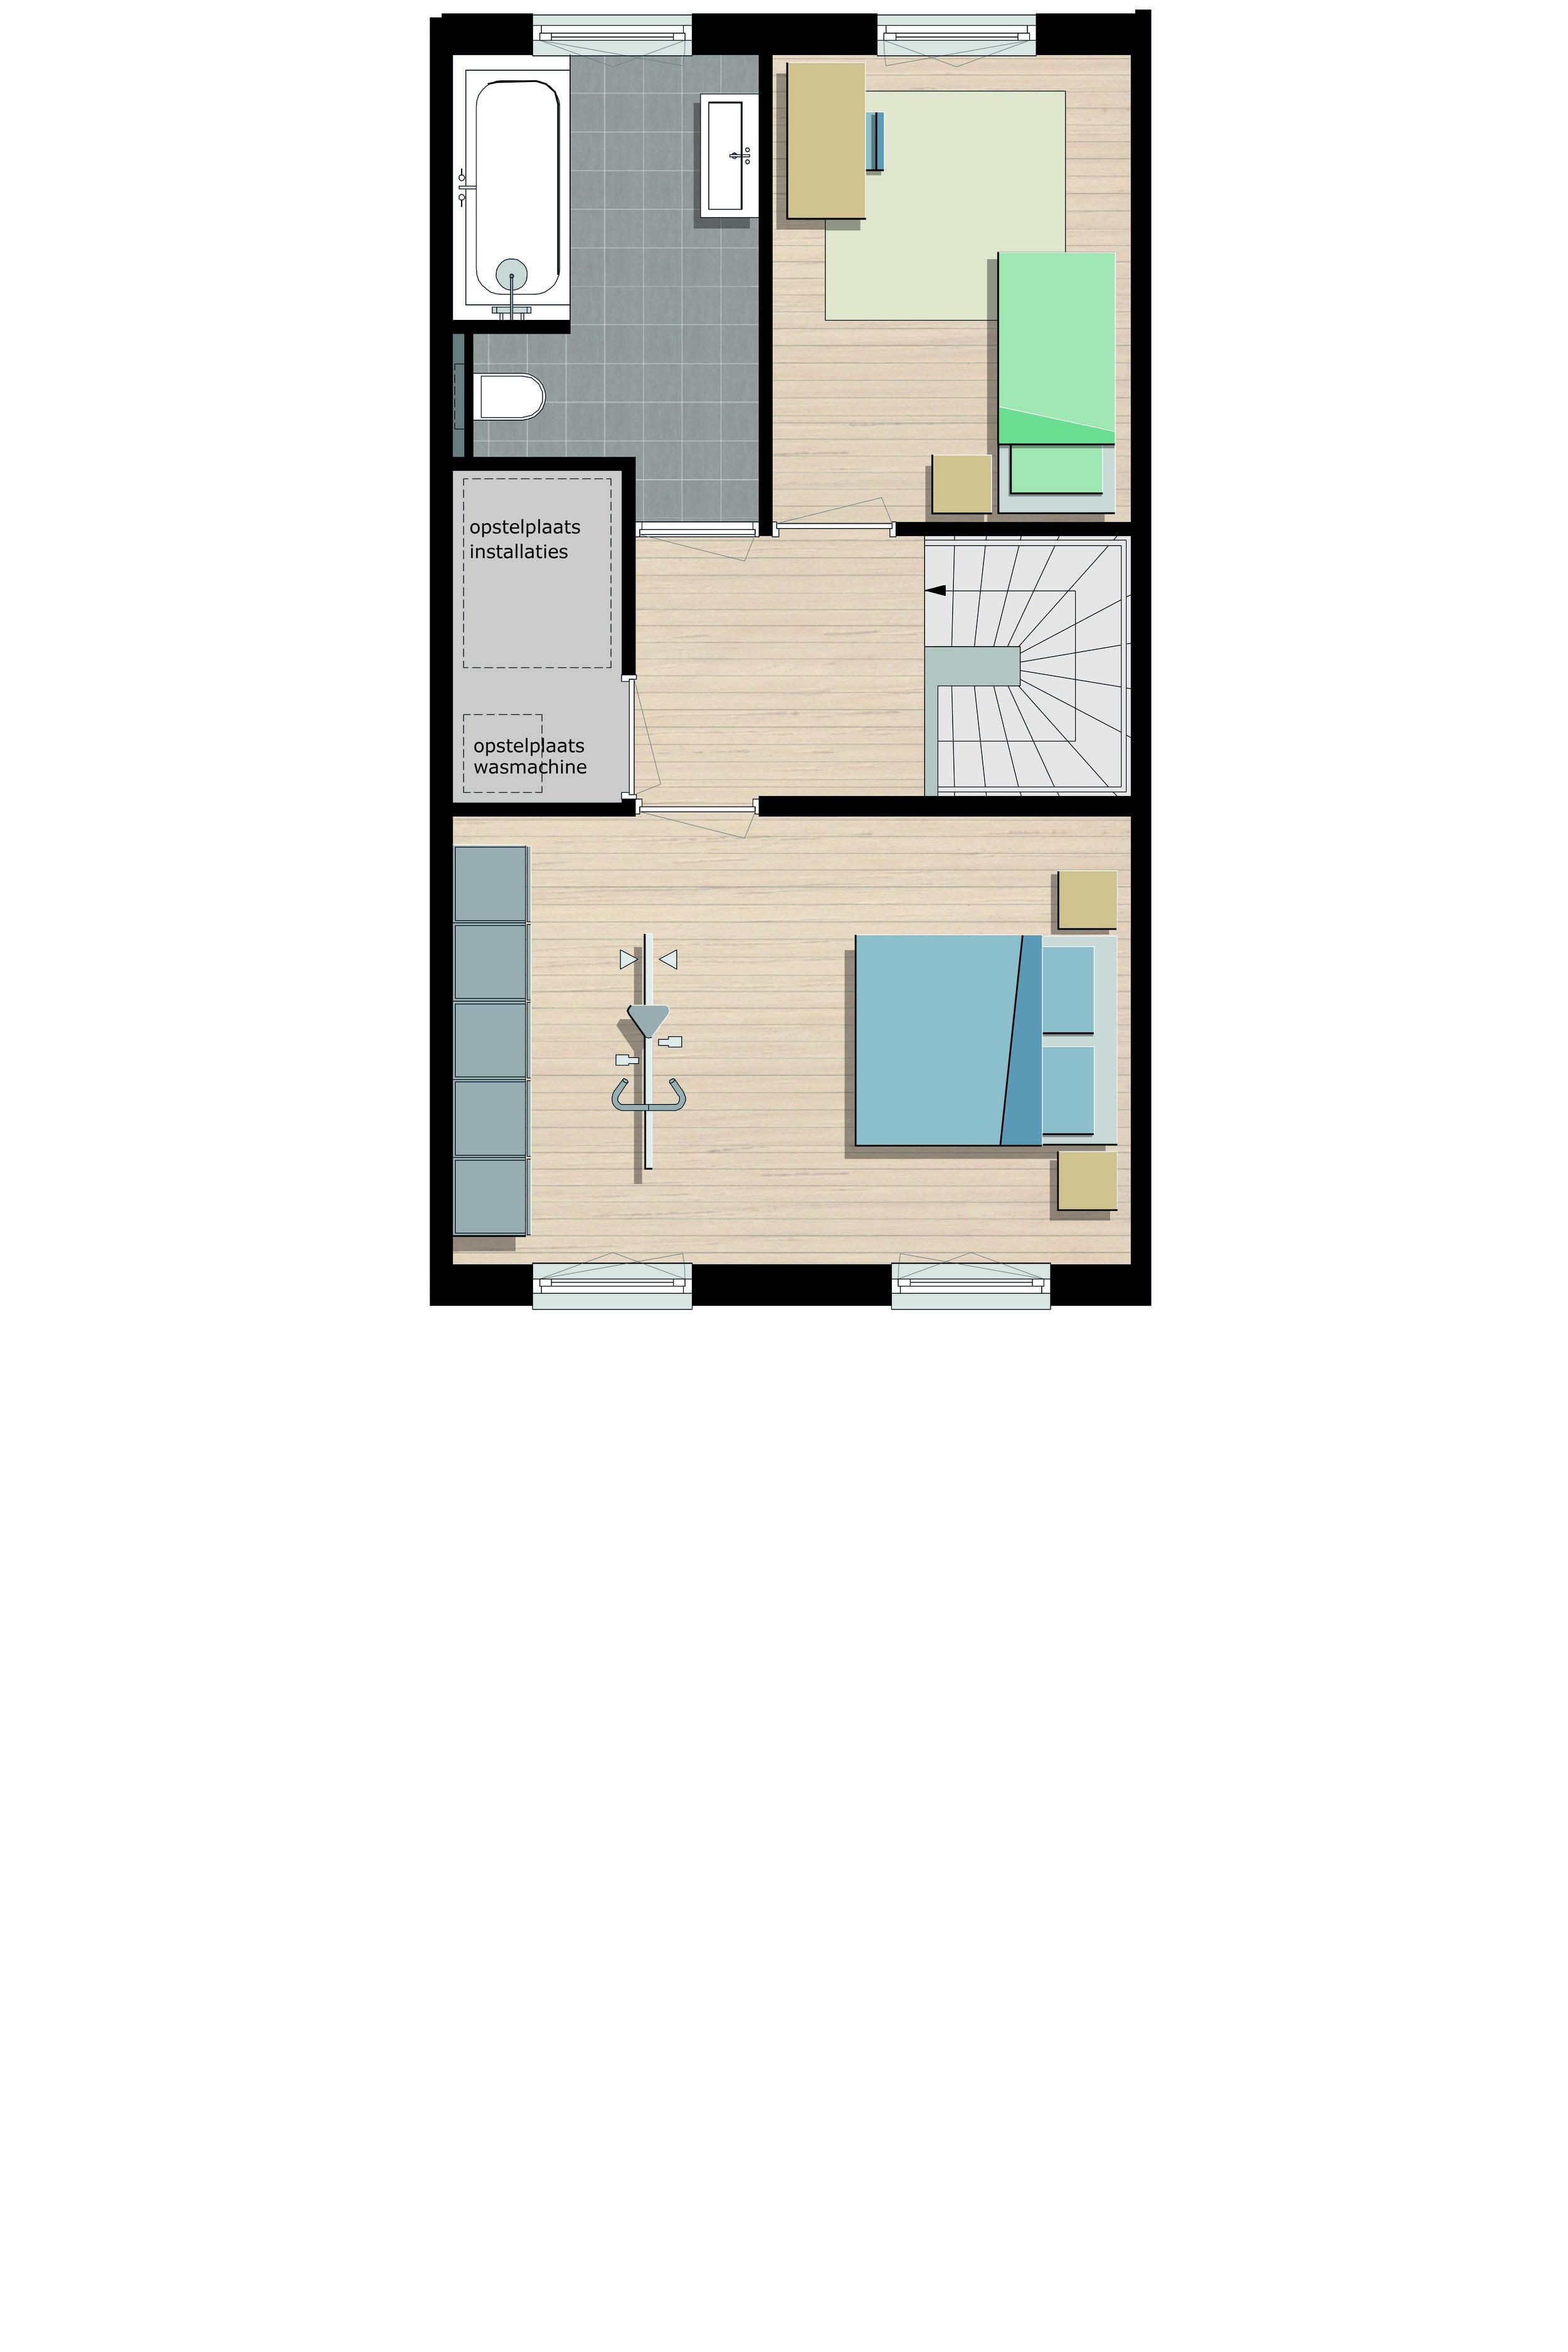 plattegrond -17.jpg